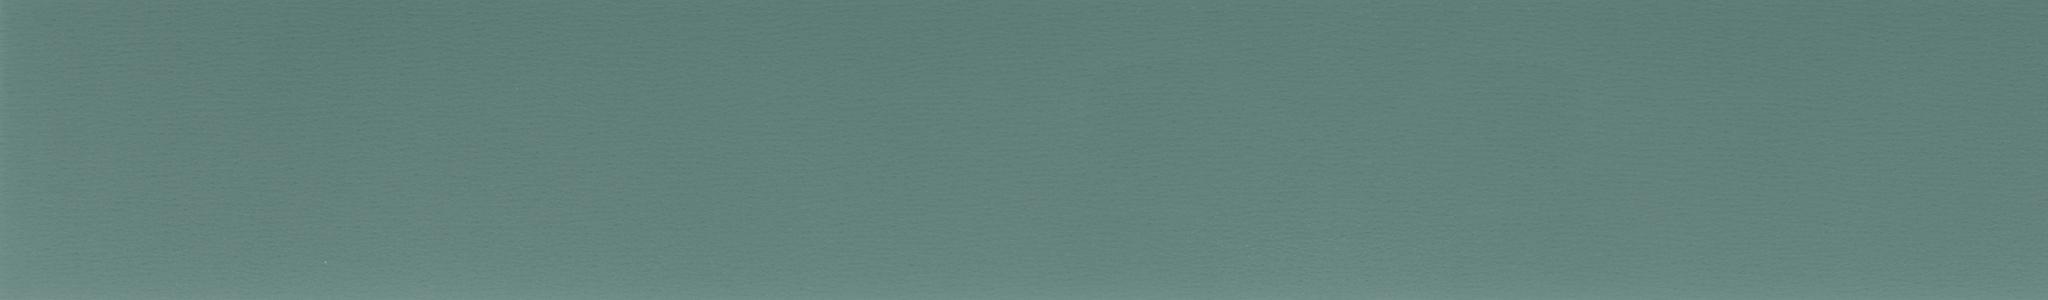 HU 160630 ABS hrana zelená hladká mat